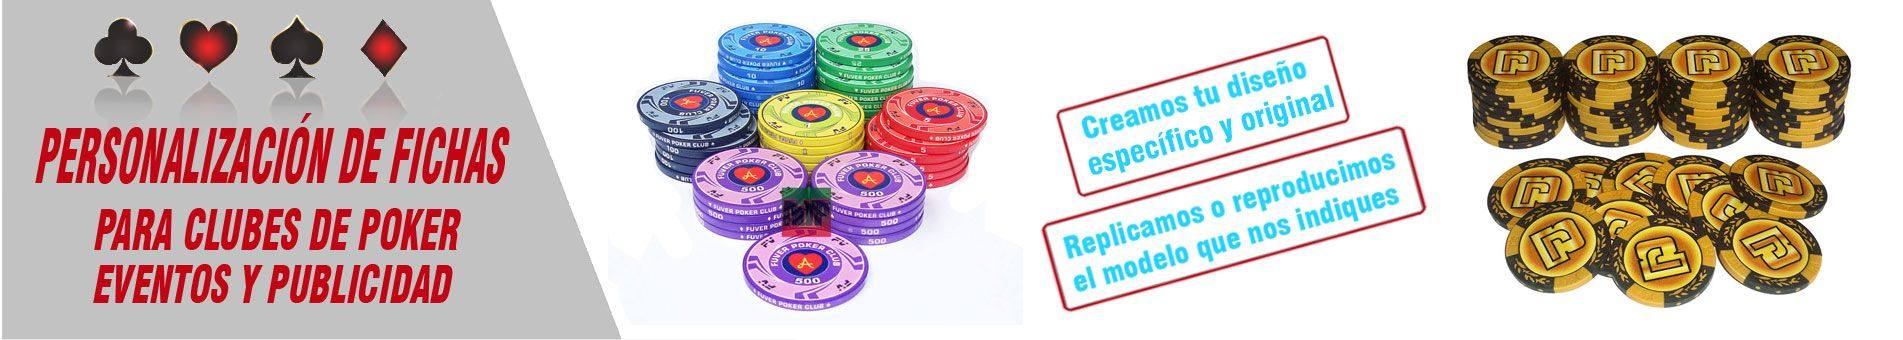 Fichas de poker personalización